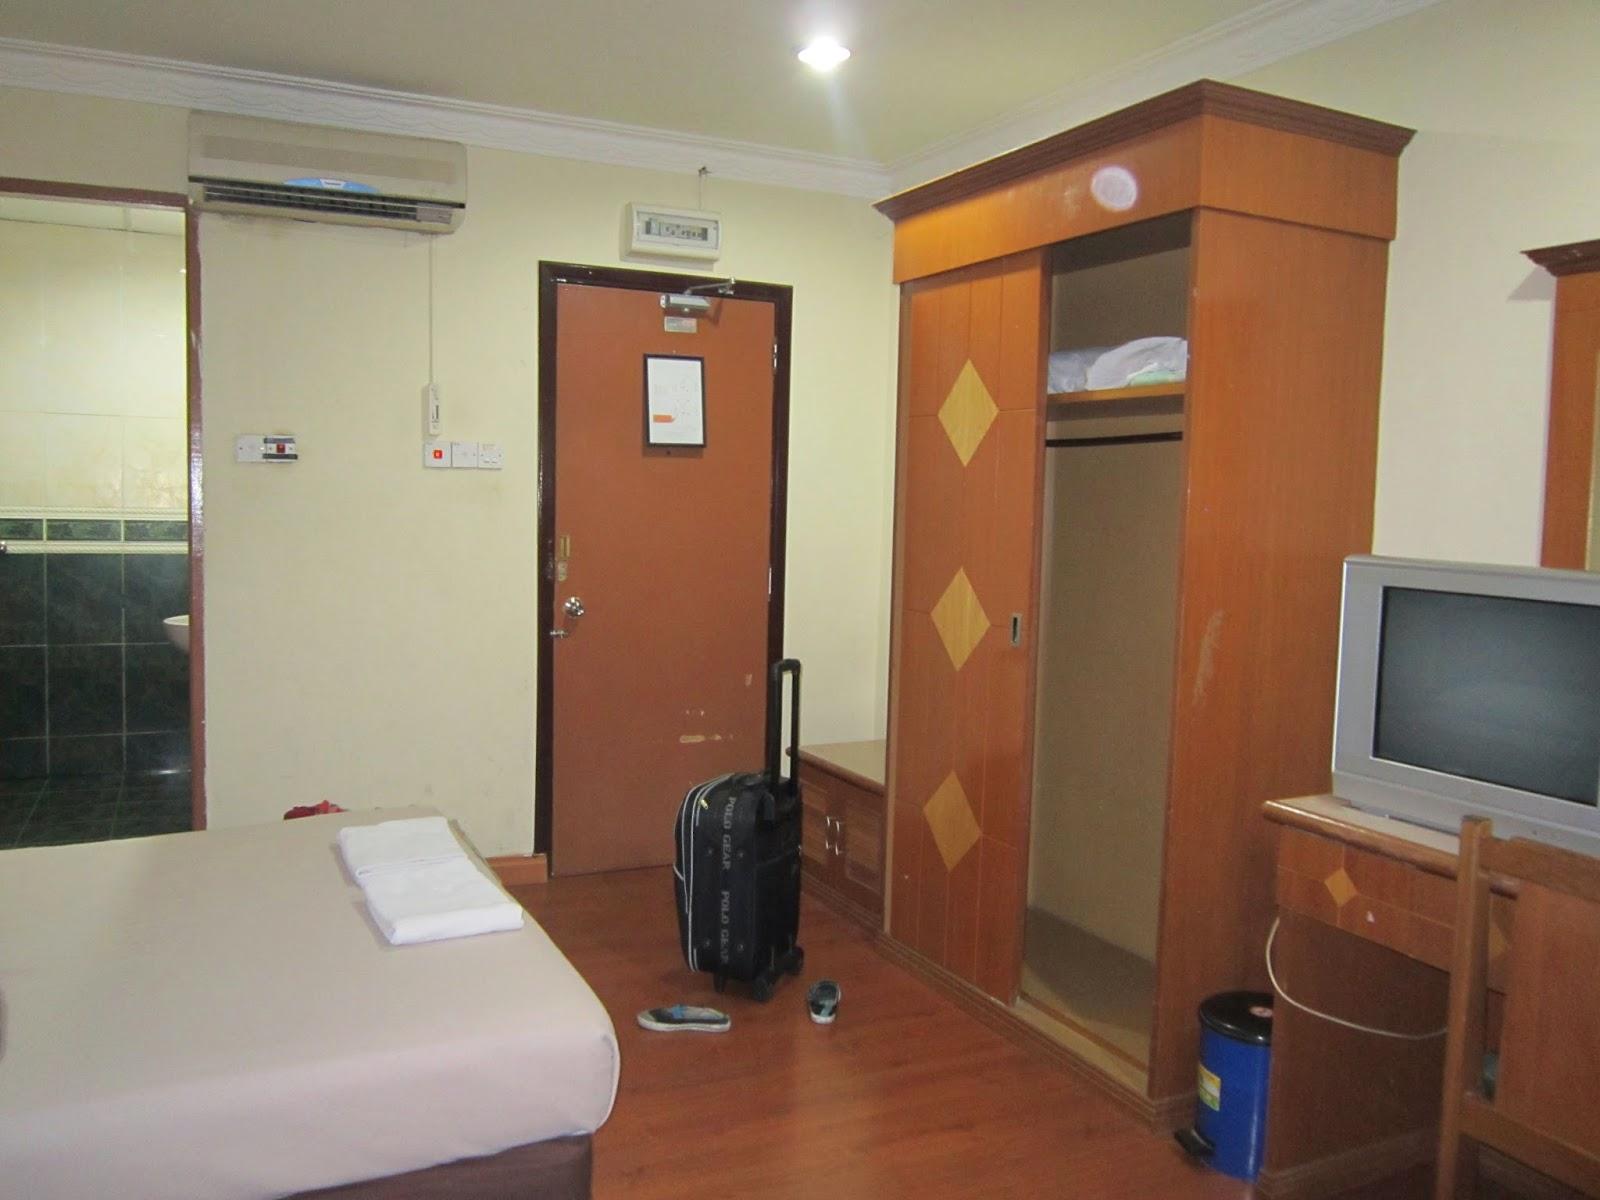 Azam hotel kota bharu kelantan for J bathroom kota bharu